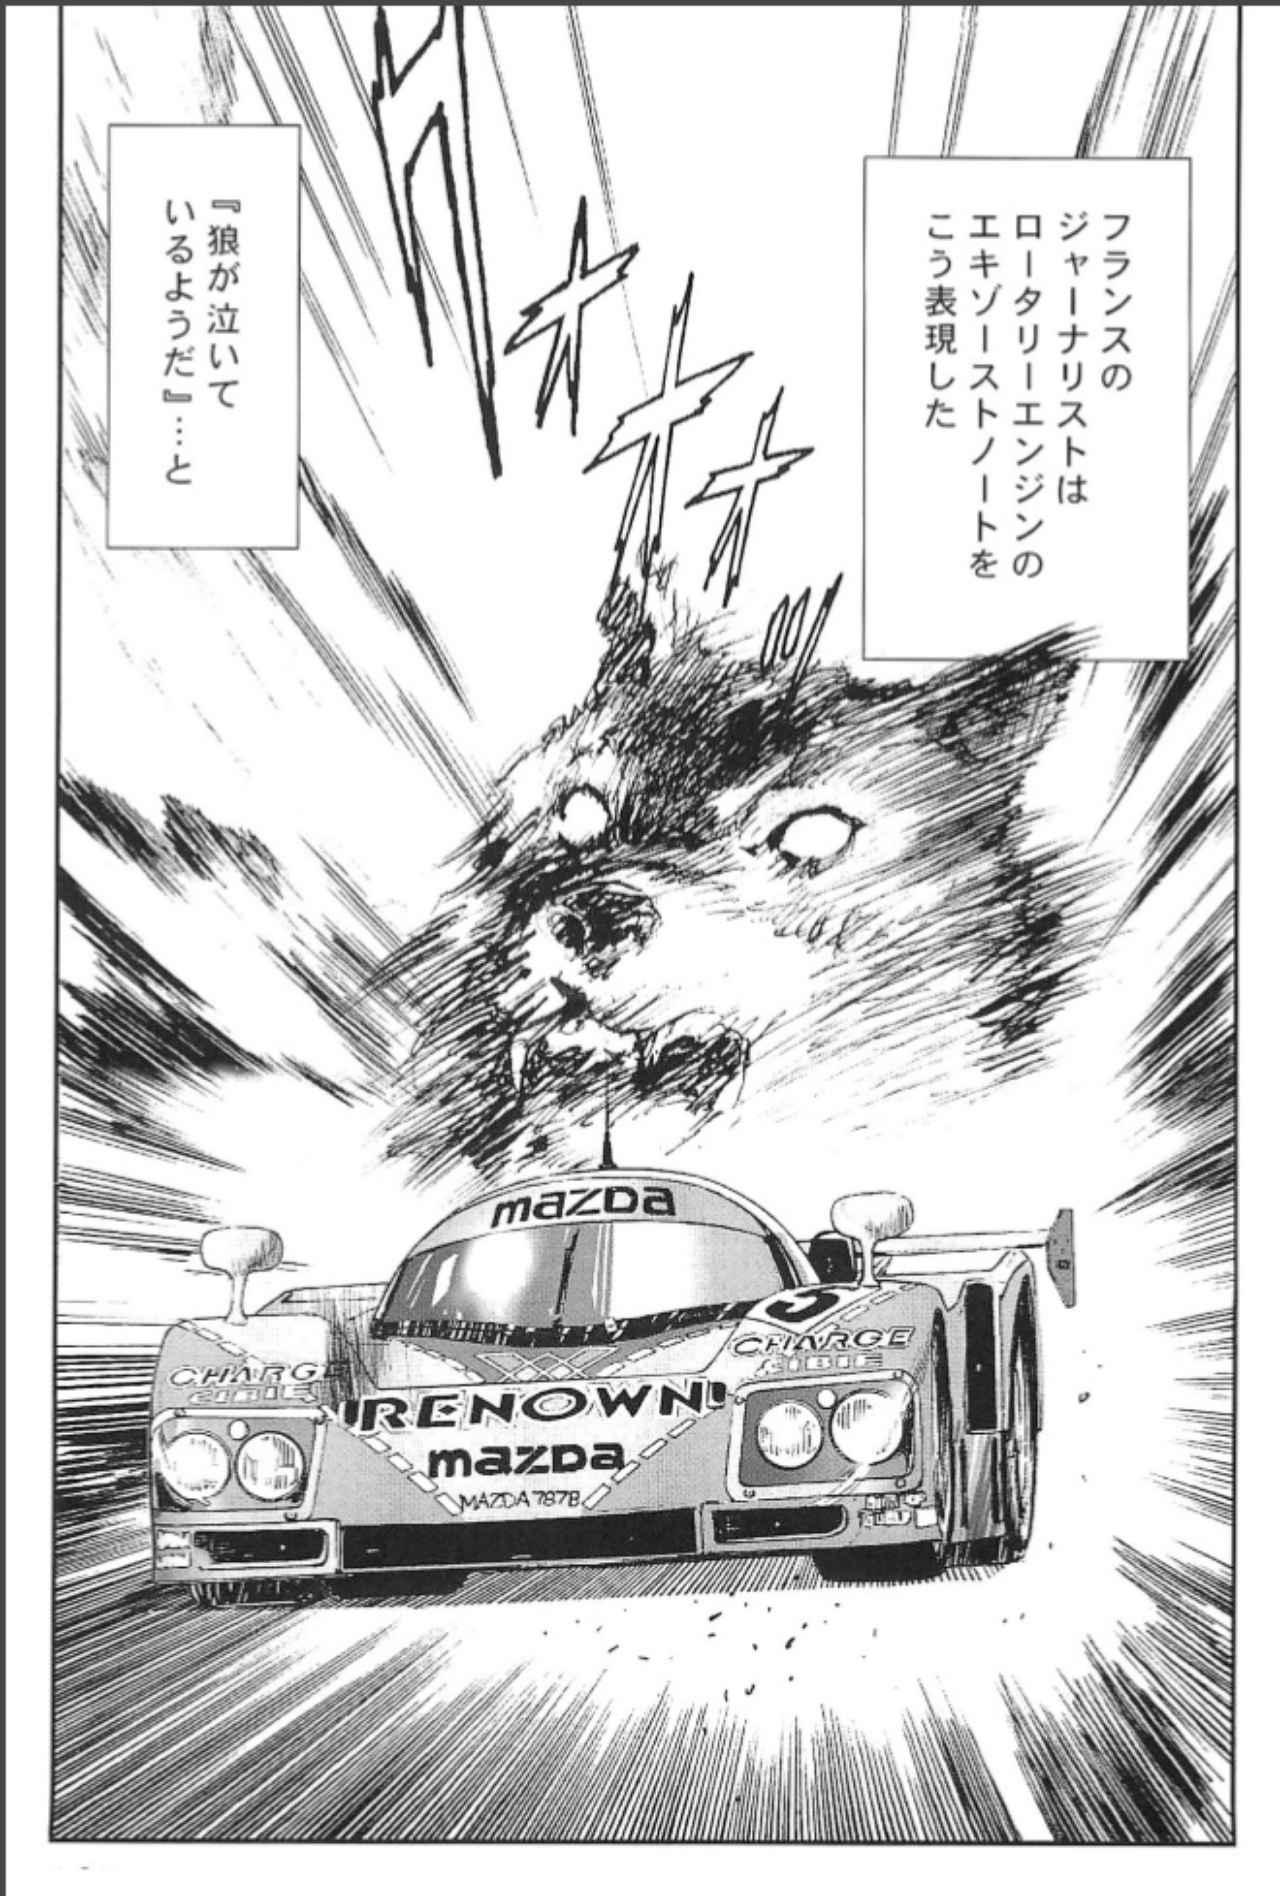 画像6: (夢を継ぐもの~ロータリー・エンジン開発物語@モーターマガジン社) blogs.yahoo.co.jp